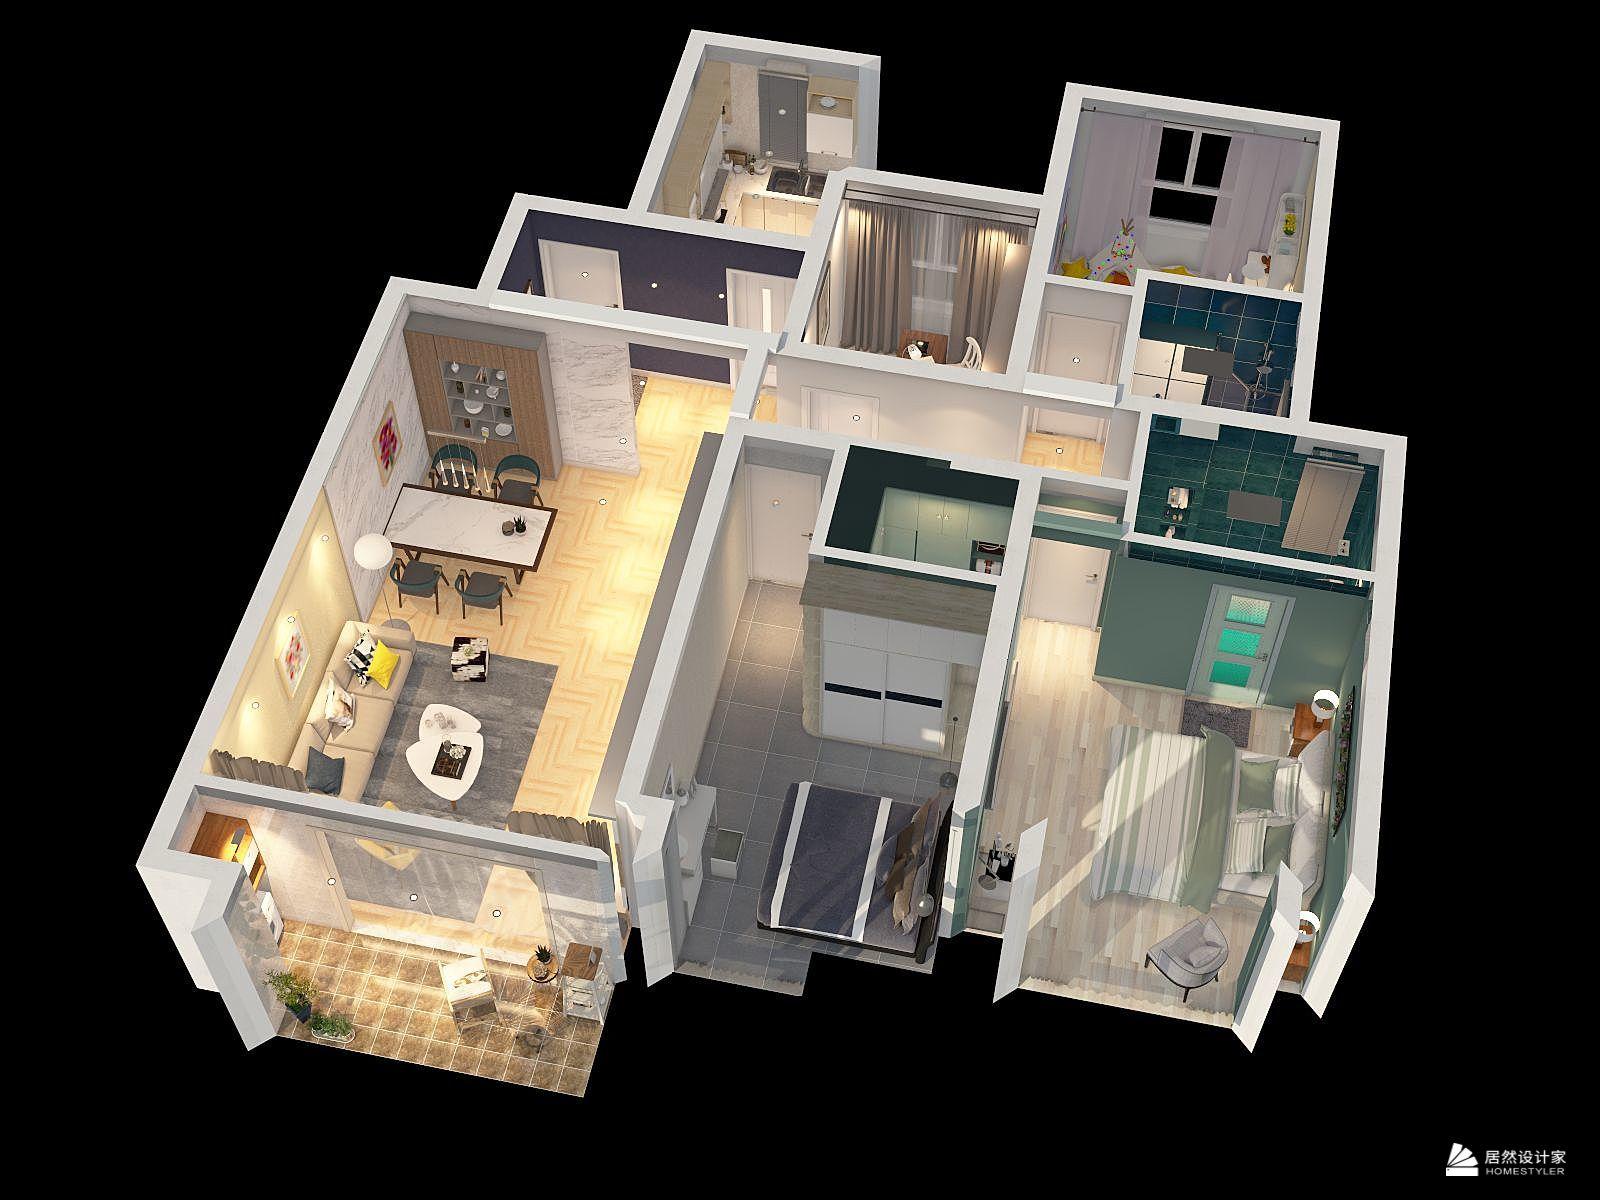 混搭风格四室一厅装修设计效果图